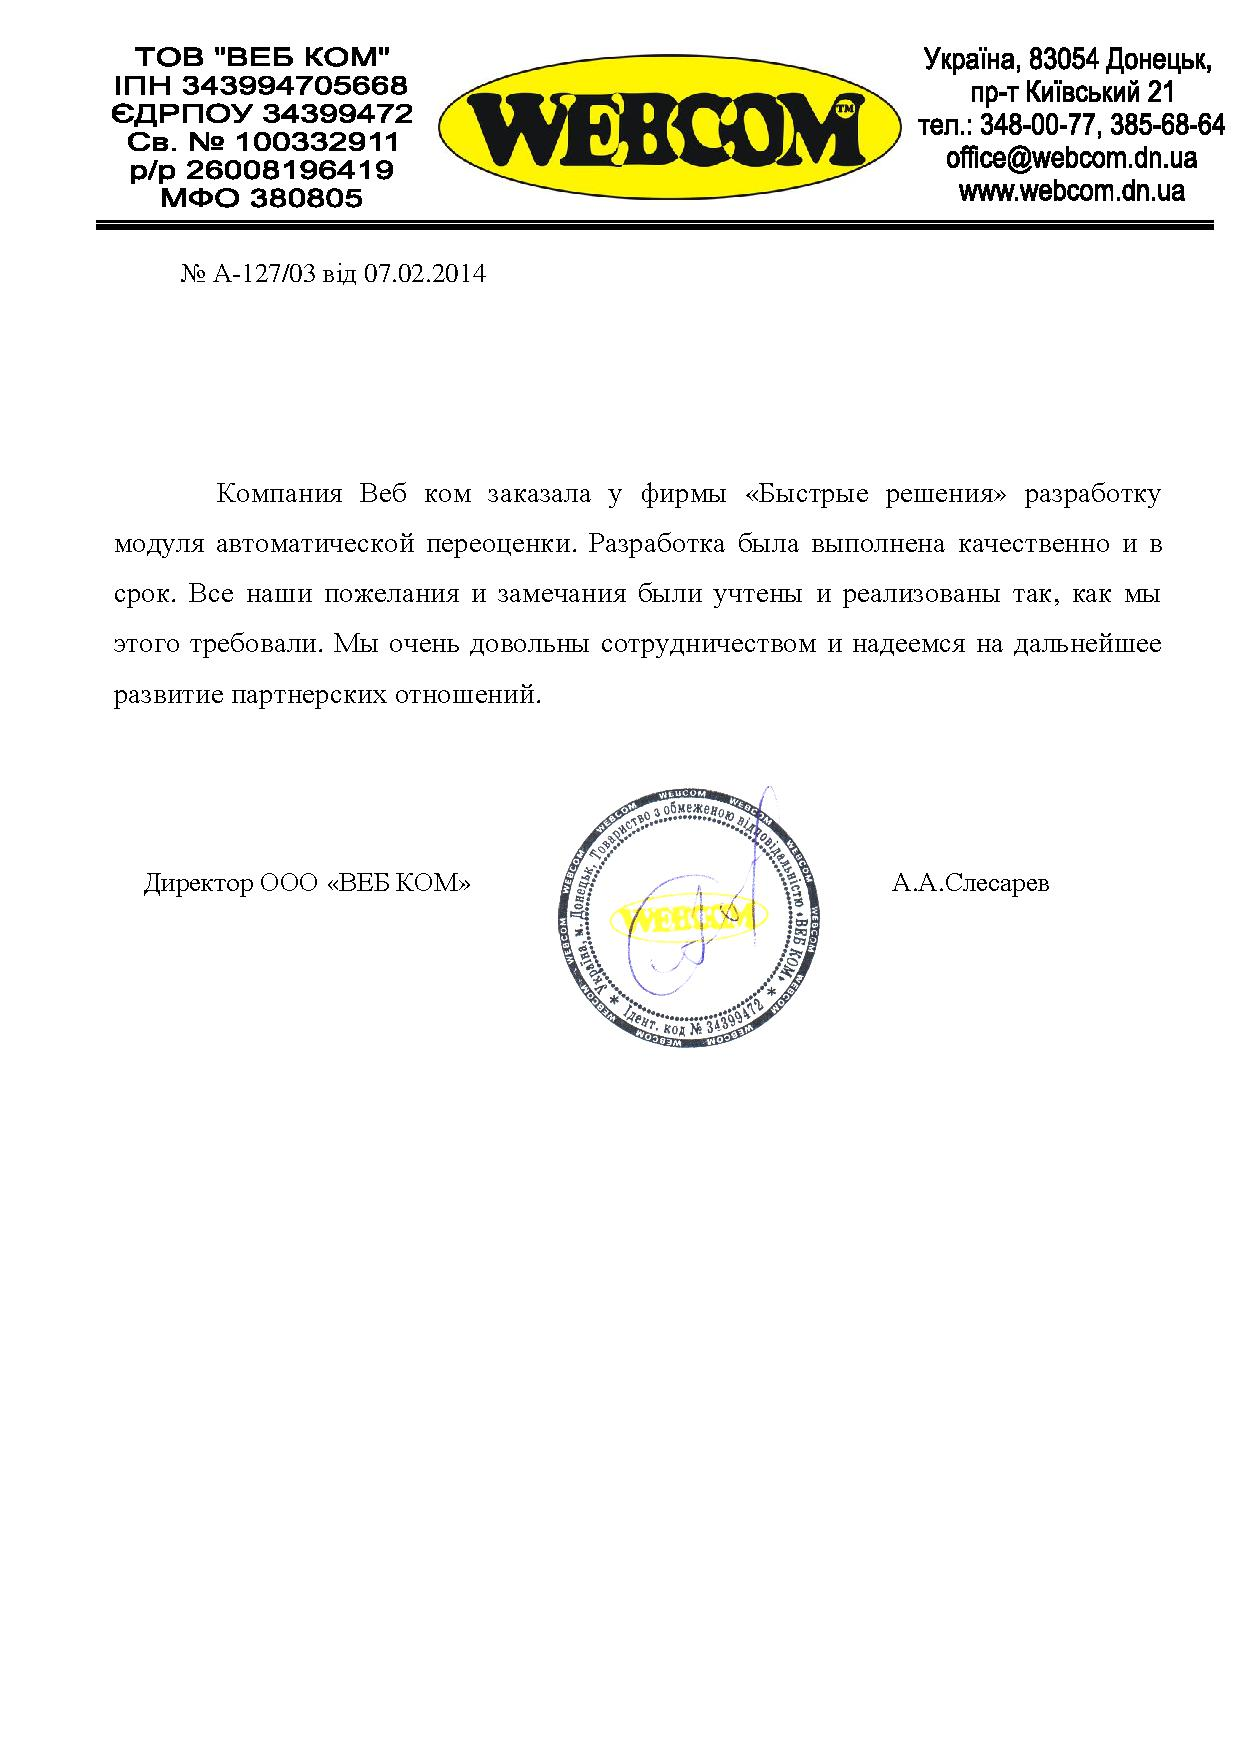 ООО ВебКом